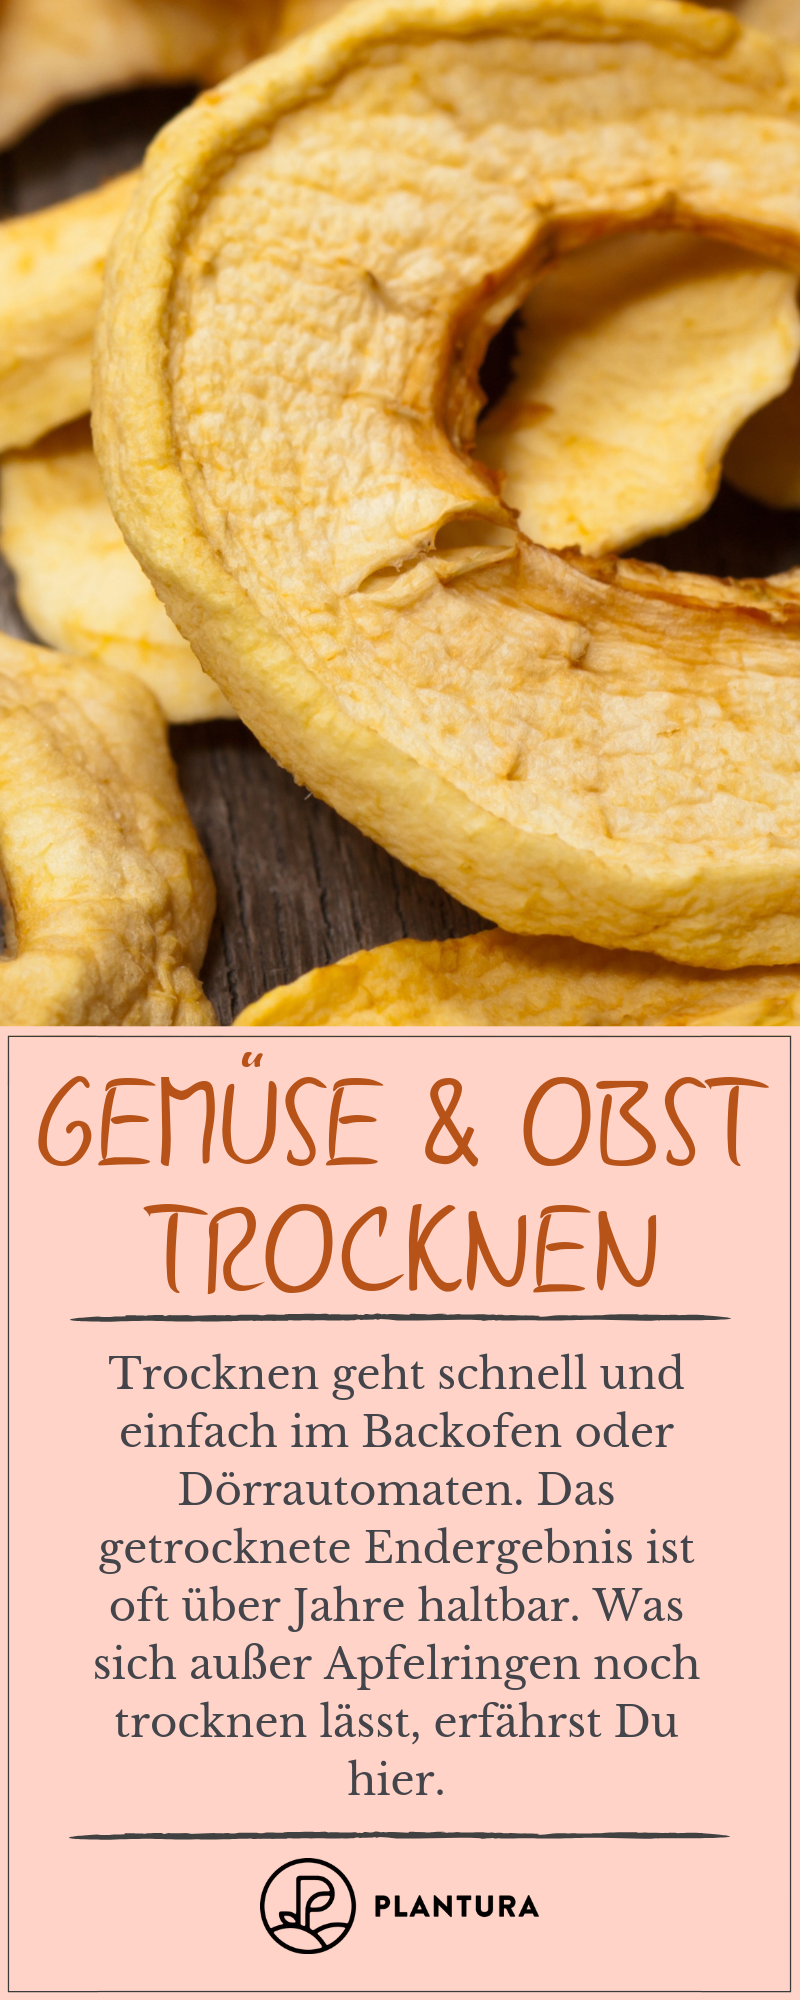 Photo of Gemüse und Obst konservieren: Einmachen, einfrieren, trocknen & Co. – Plantura